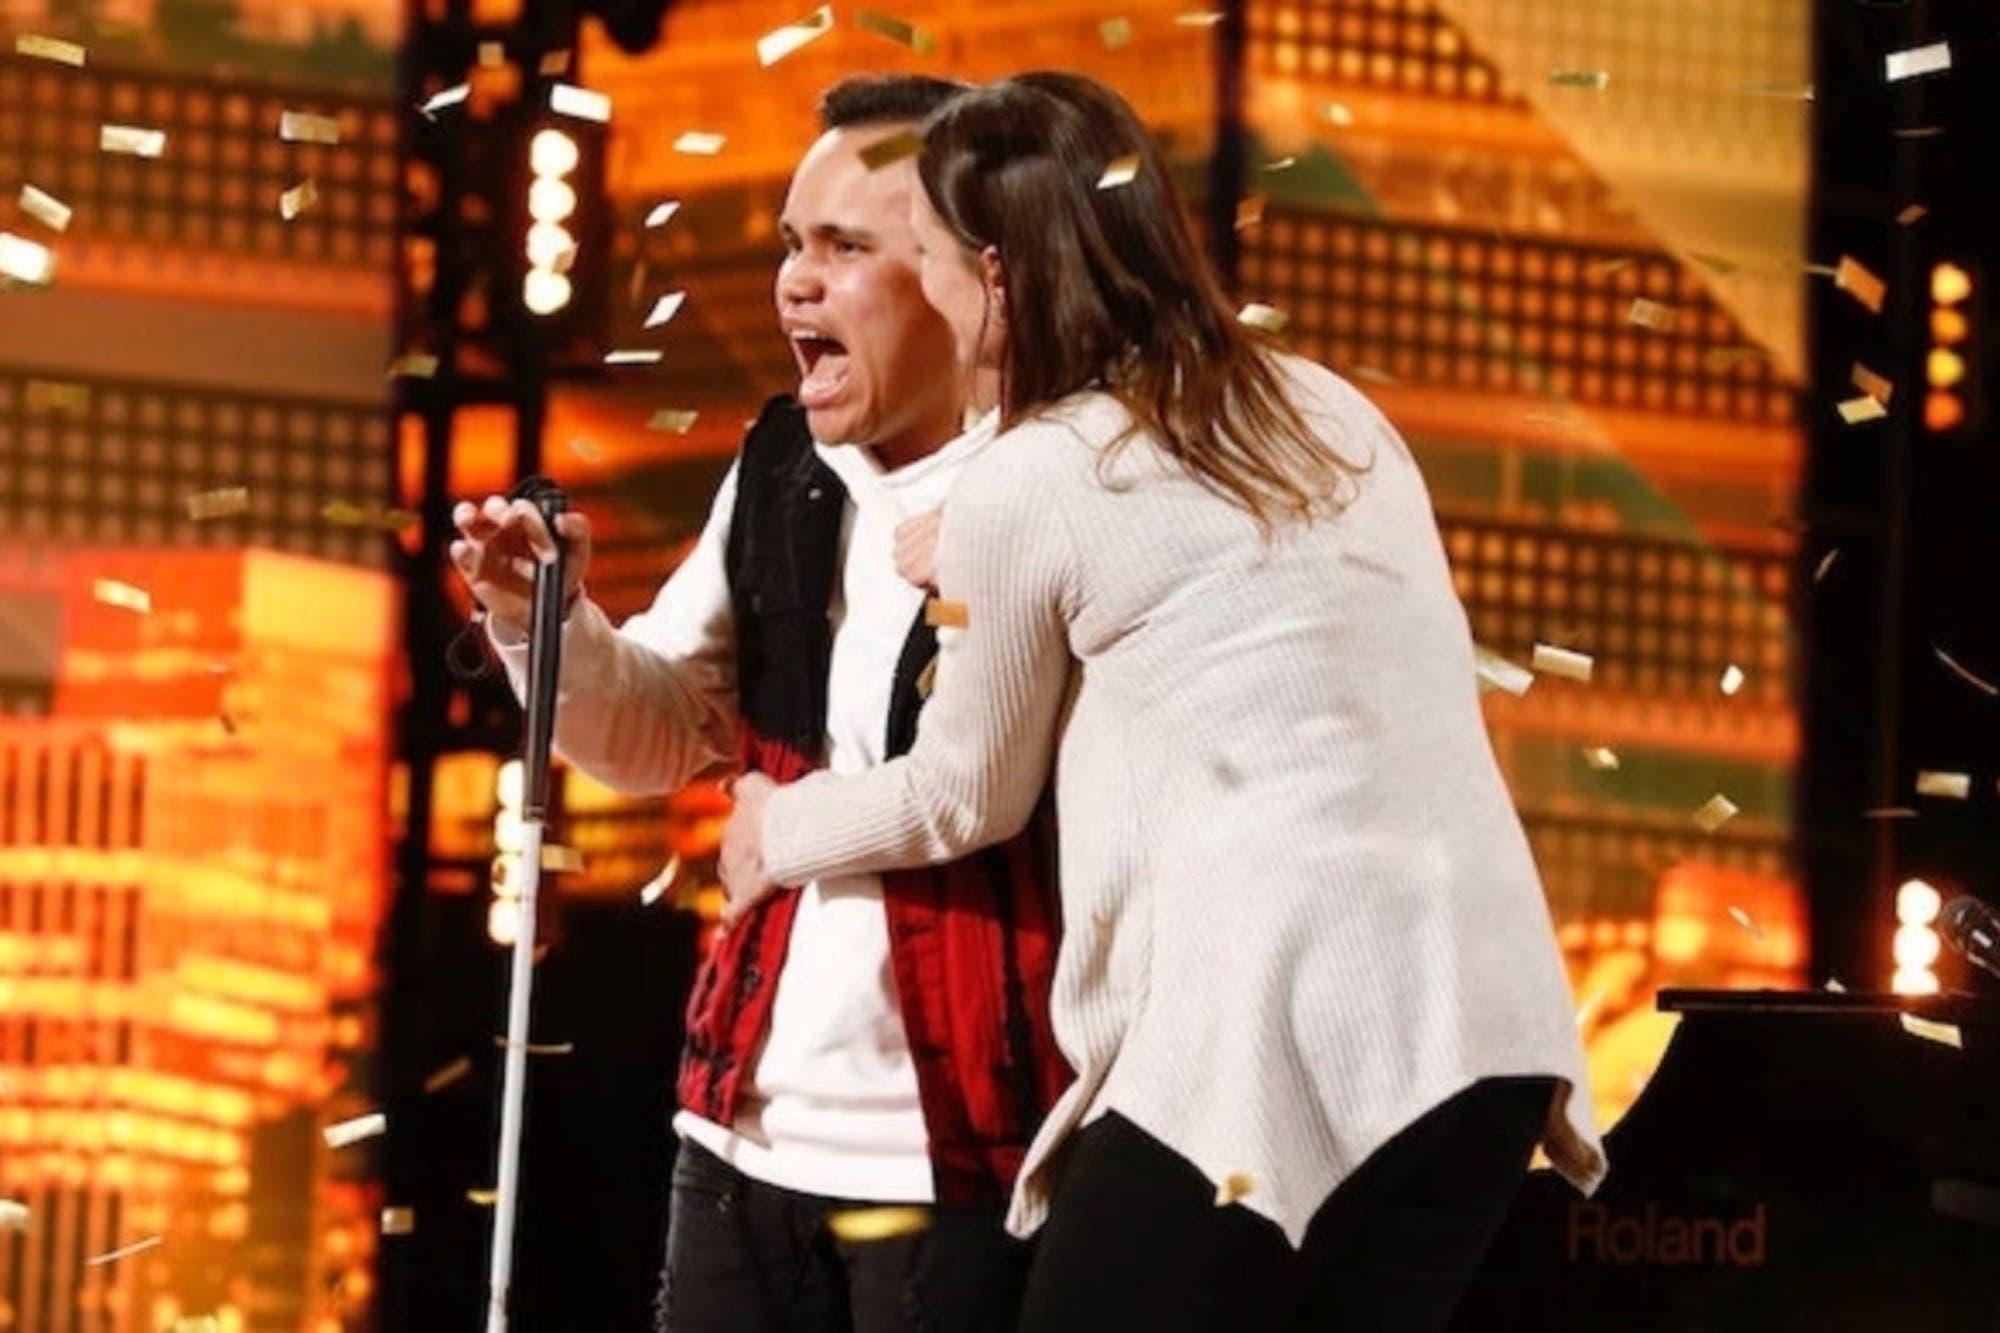 La audición de un joven ciego y autista que hizo llorar al jurado de America's Got Talent